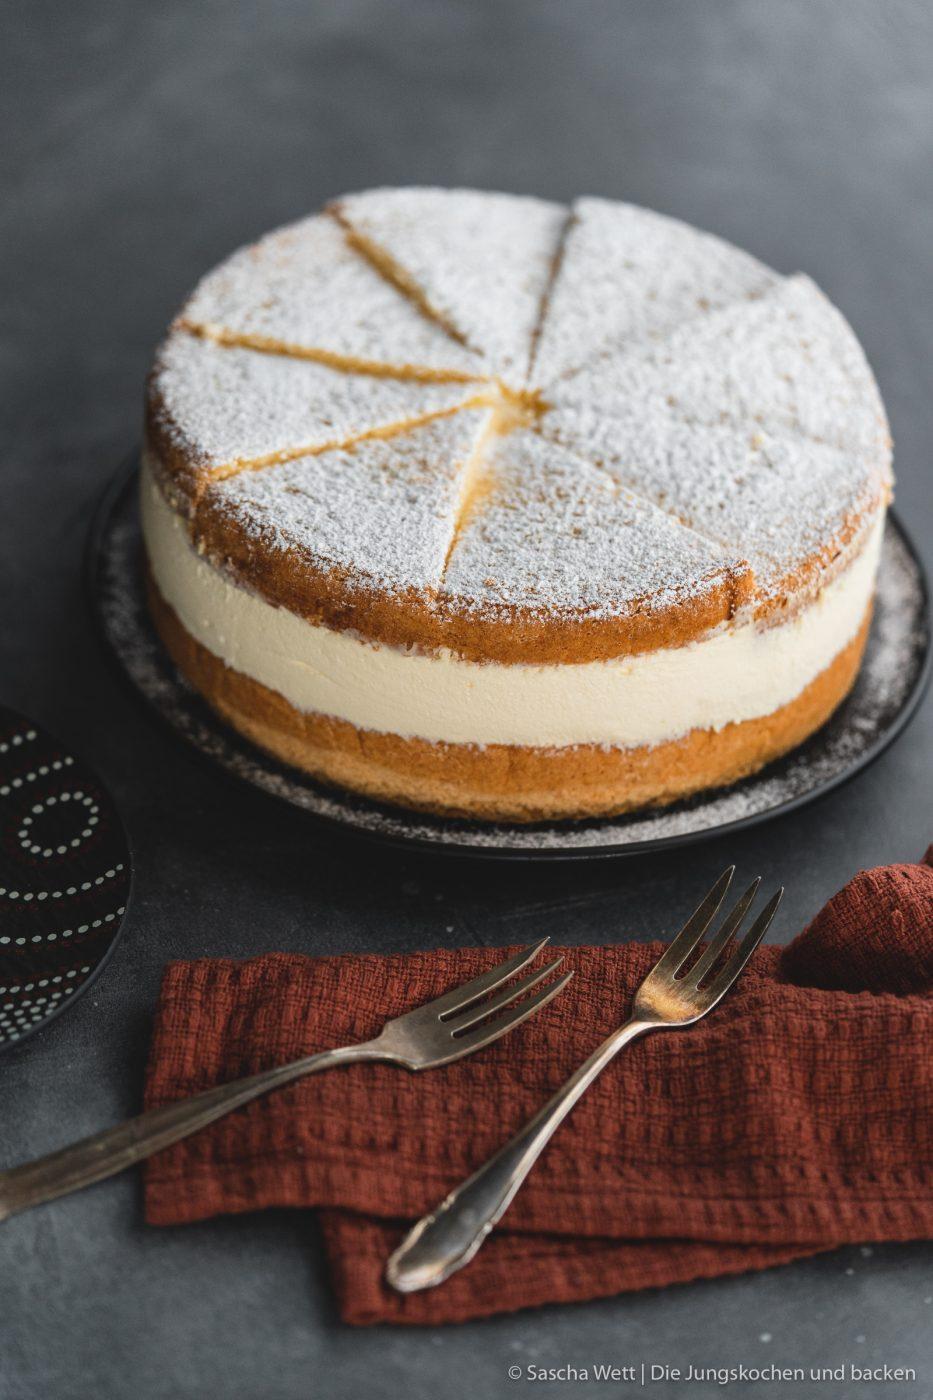 K%C3%A4se Sahne Torte Verpoorten 1 | Wir beide haben schon seit ganz langer Zeit vor, eine für uns ganz besondere Torte selber einmal zuzubereiten. Die Käse-Sahne-Torte. Warum etwas ganz Besonderes? Irgendwie hatten unsere beiden Omas eine Vorliebe dafür. Die Käse-Sahne-Torte kam sowohl bei Oma Lore, als auch bei Saschas Oma Frieda immer wieder auf den Kaffeetisch, wenn sich Gäste angekündigt hatten oder ein Feiertag anstand. Allerdings haben sie den damals nicht so fruchtig verfeinert, wie wir heute.